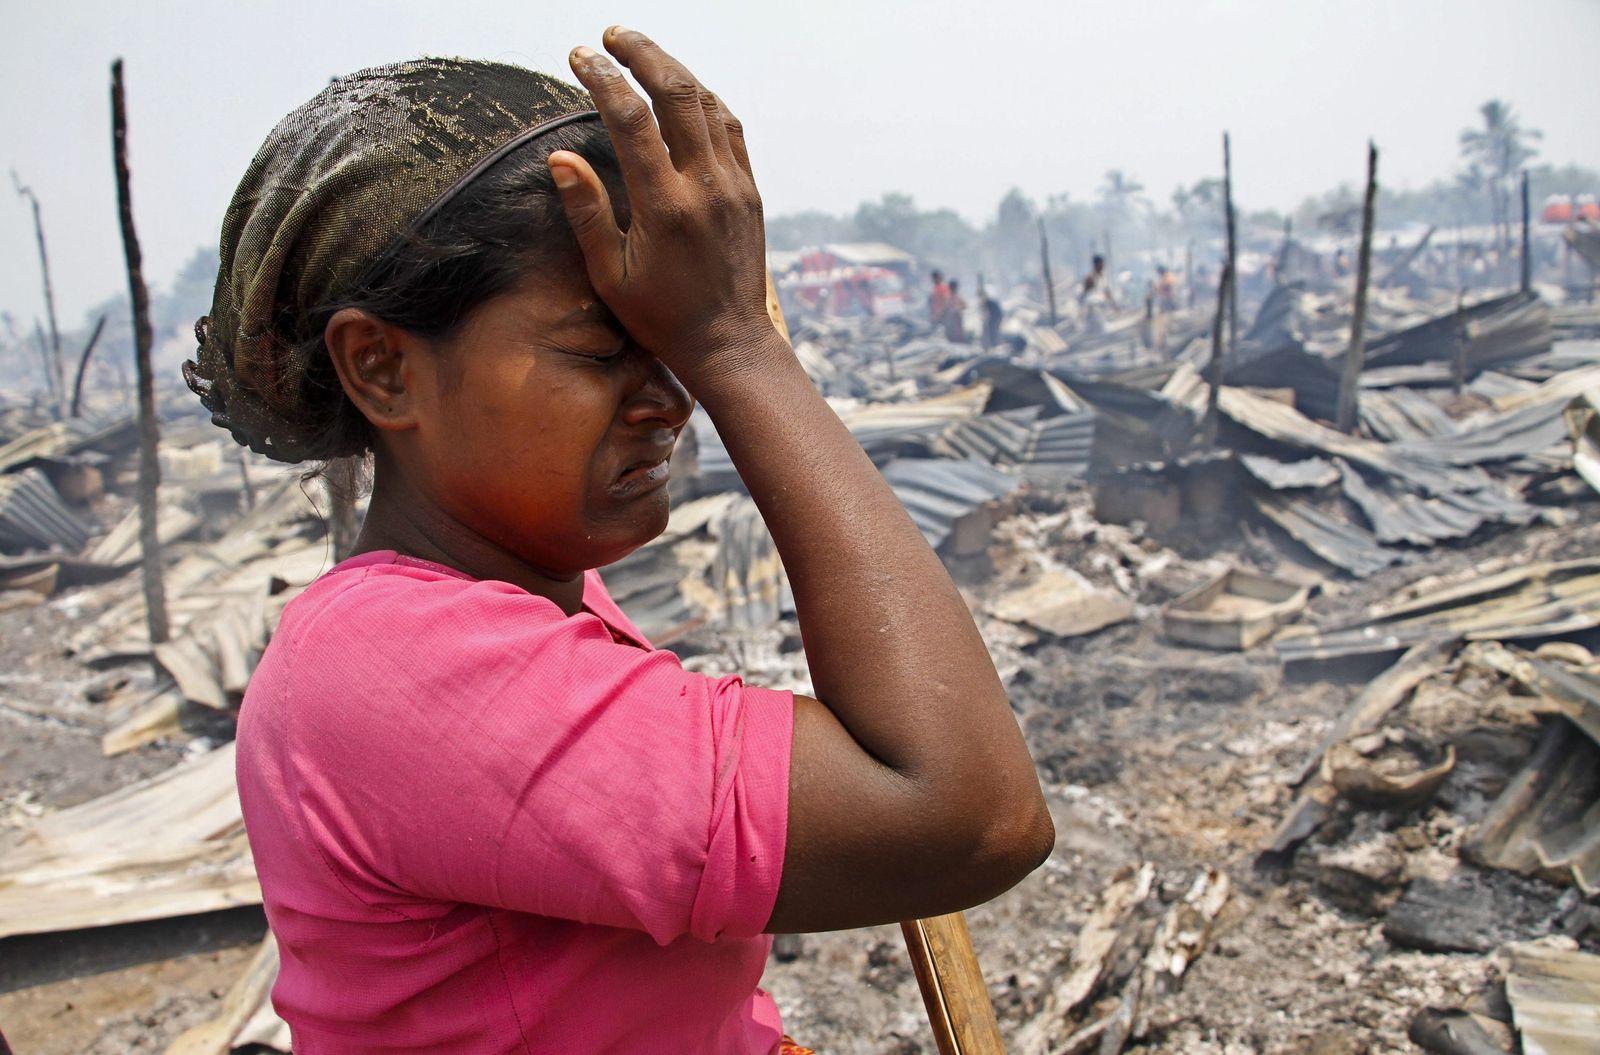 Völkermordklage gegen Myanmar